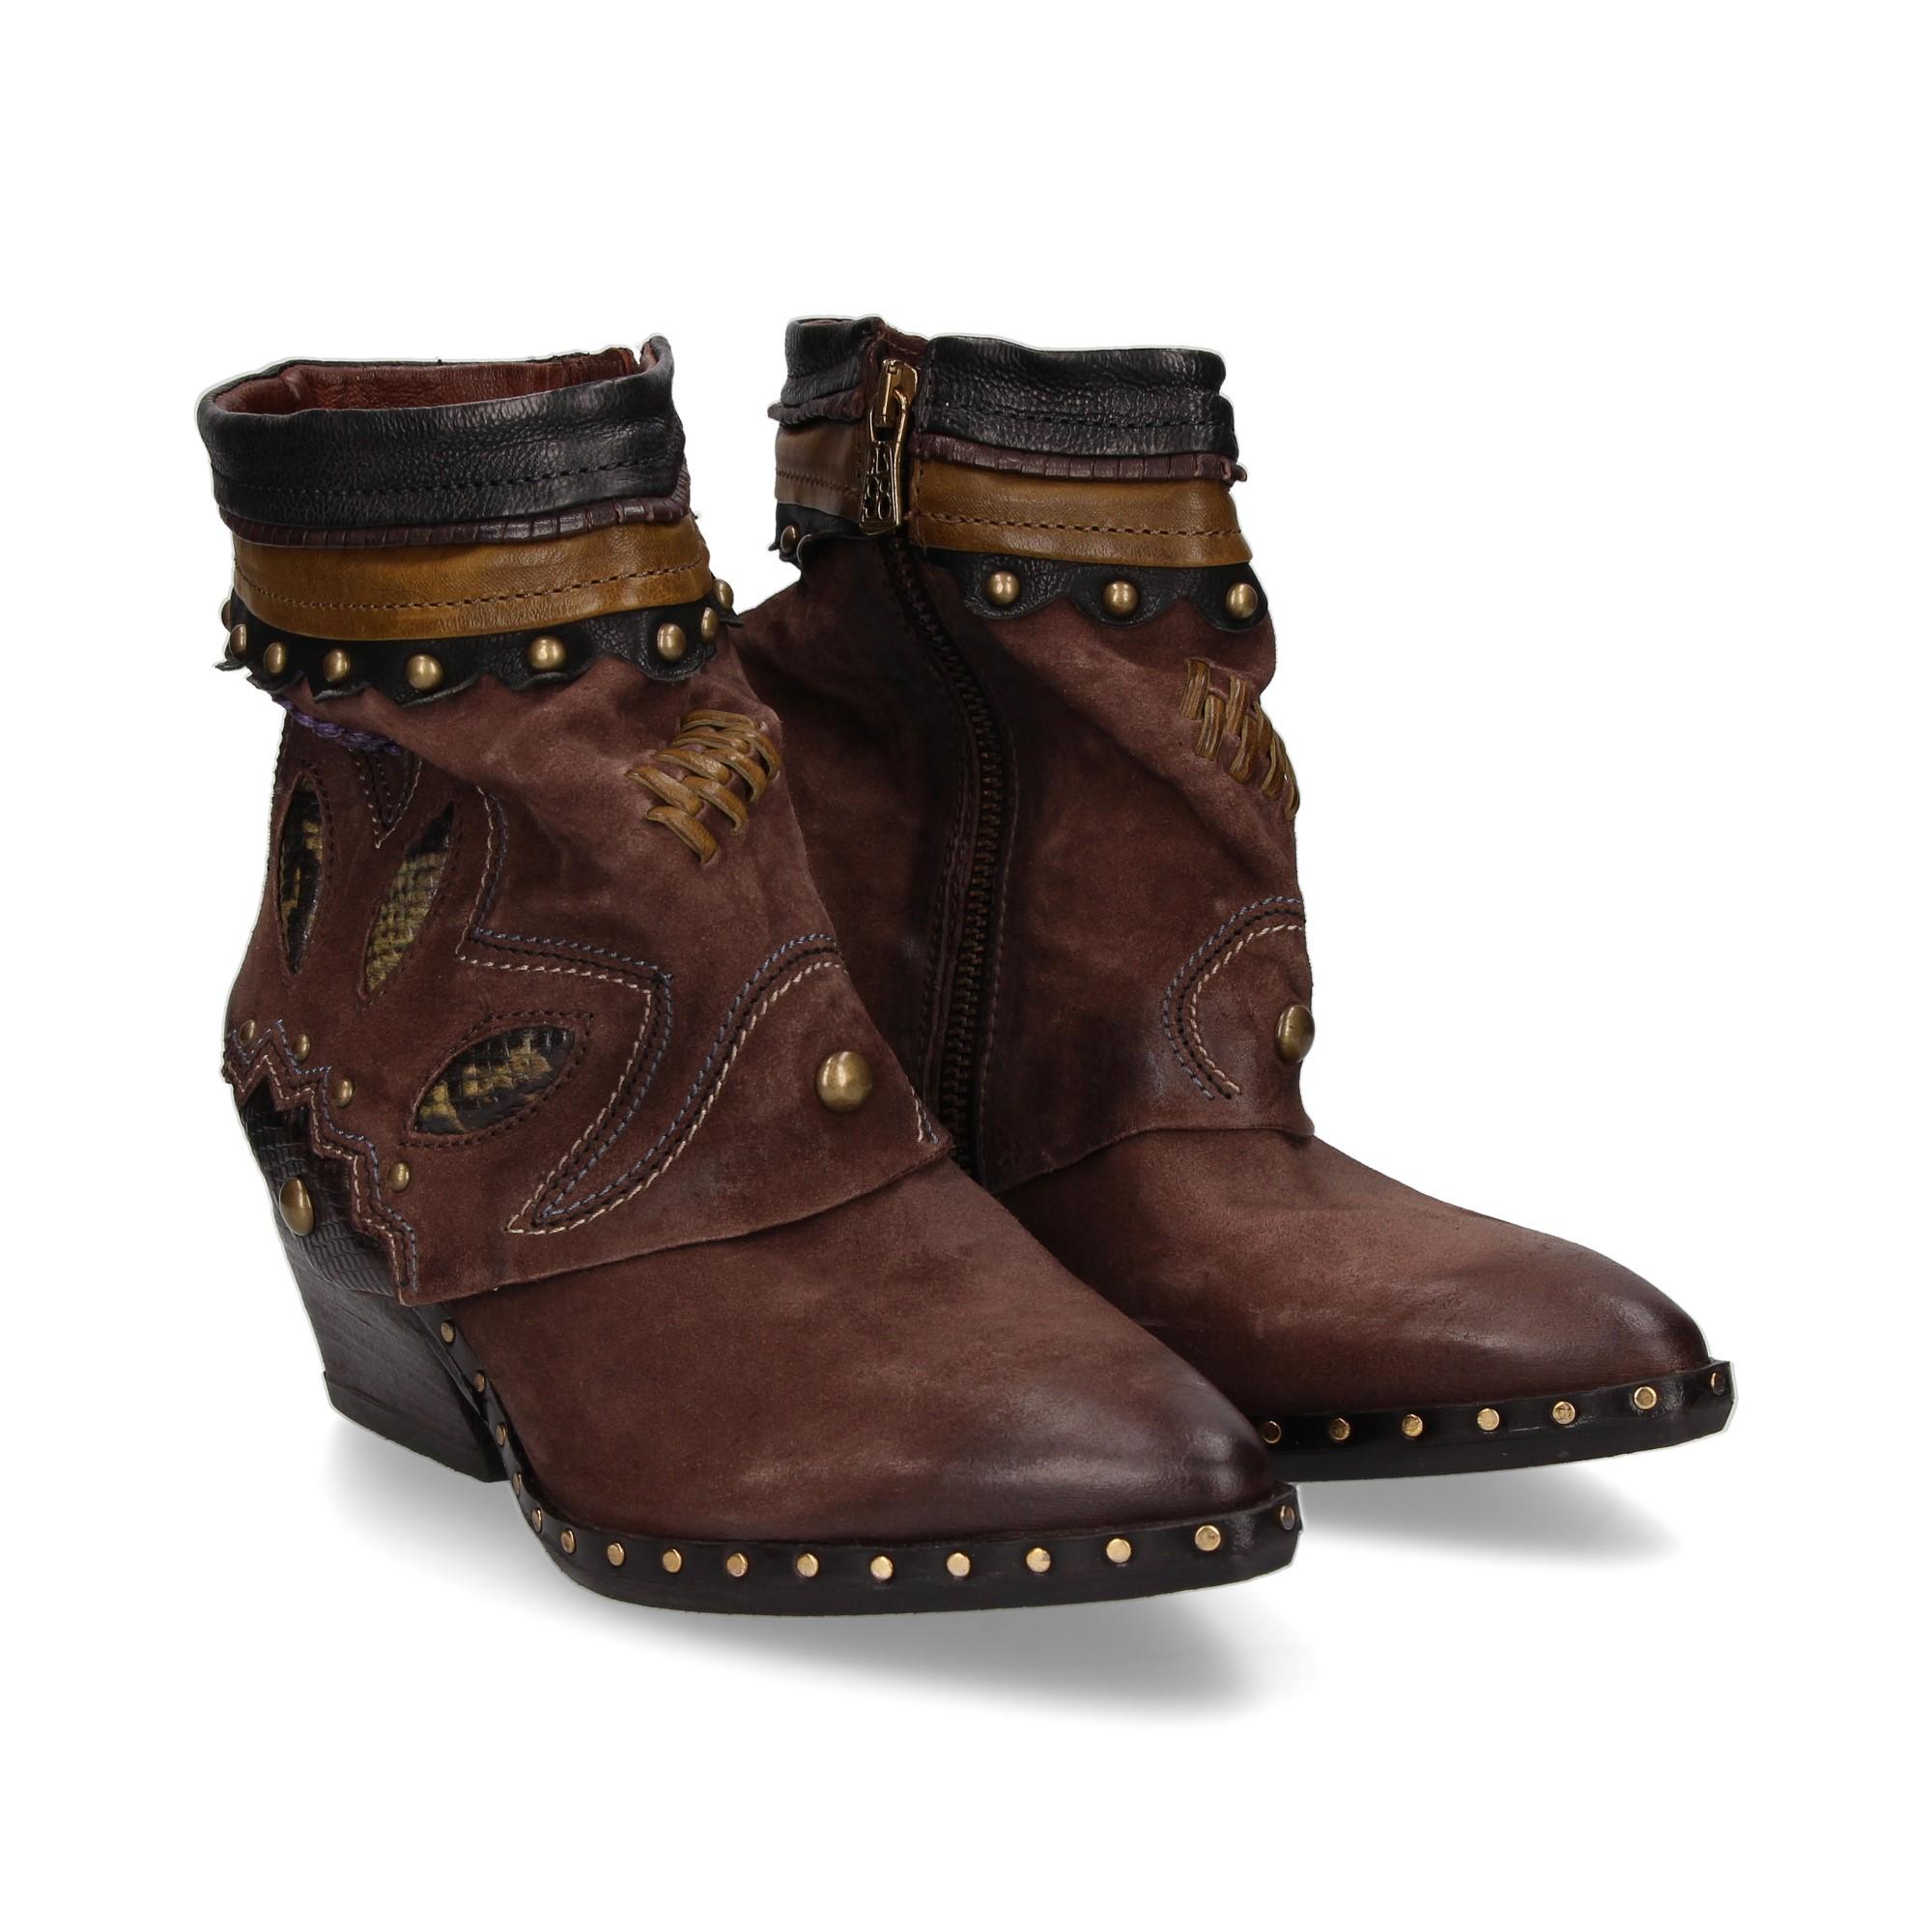 A.S.98 Ankle boots mit Absatz für damen 268202.102 0001 MOKA